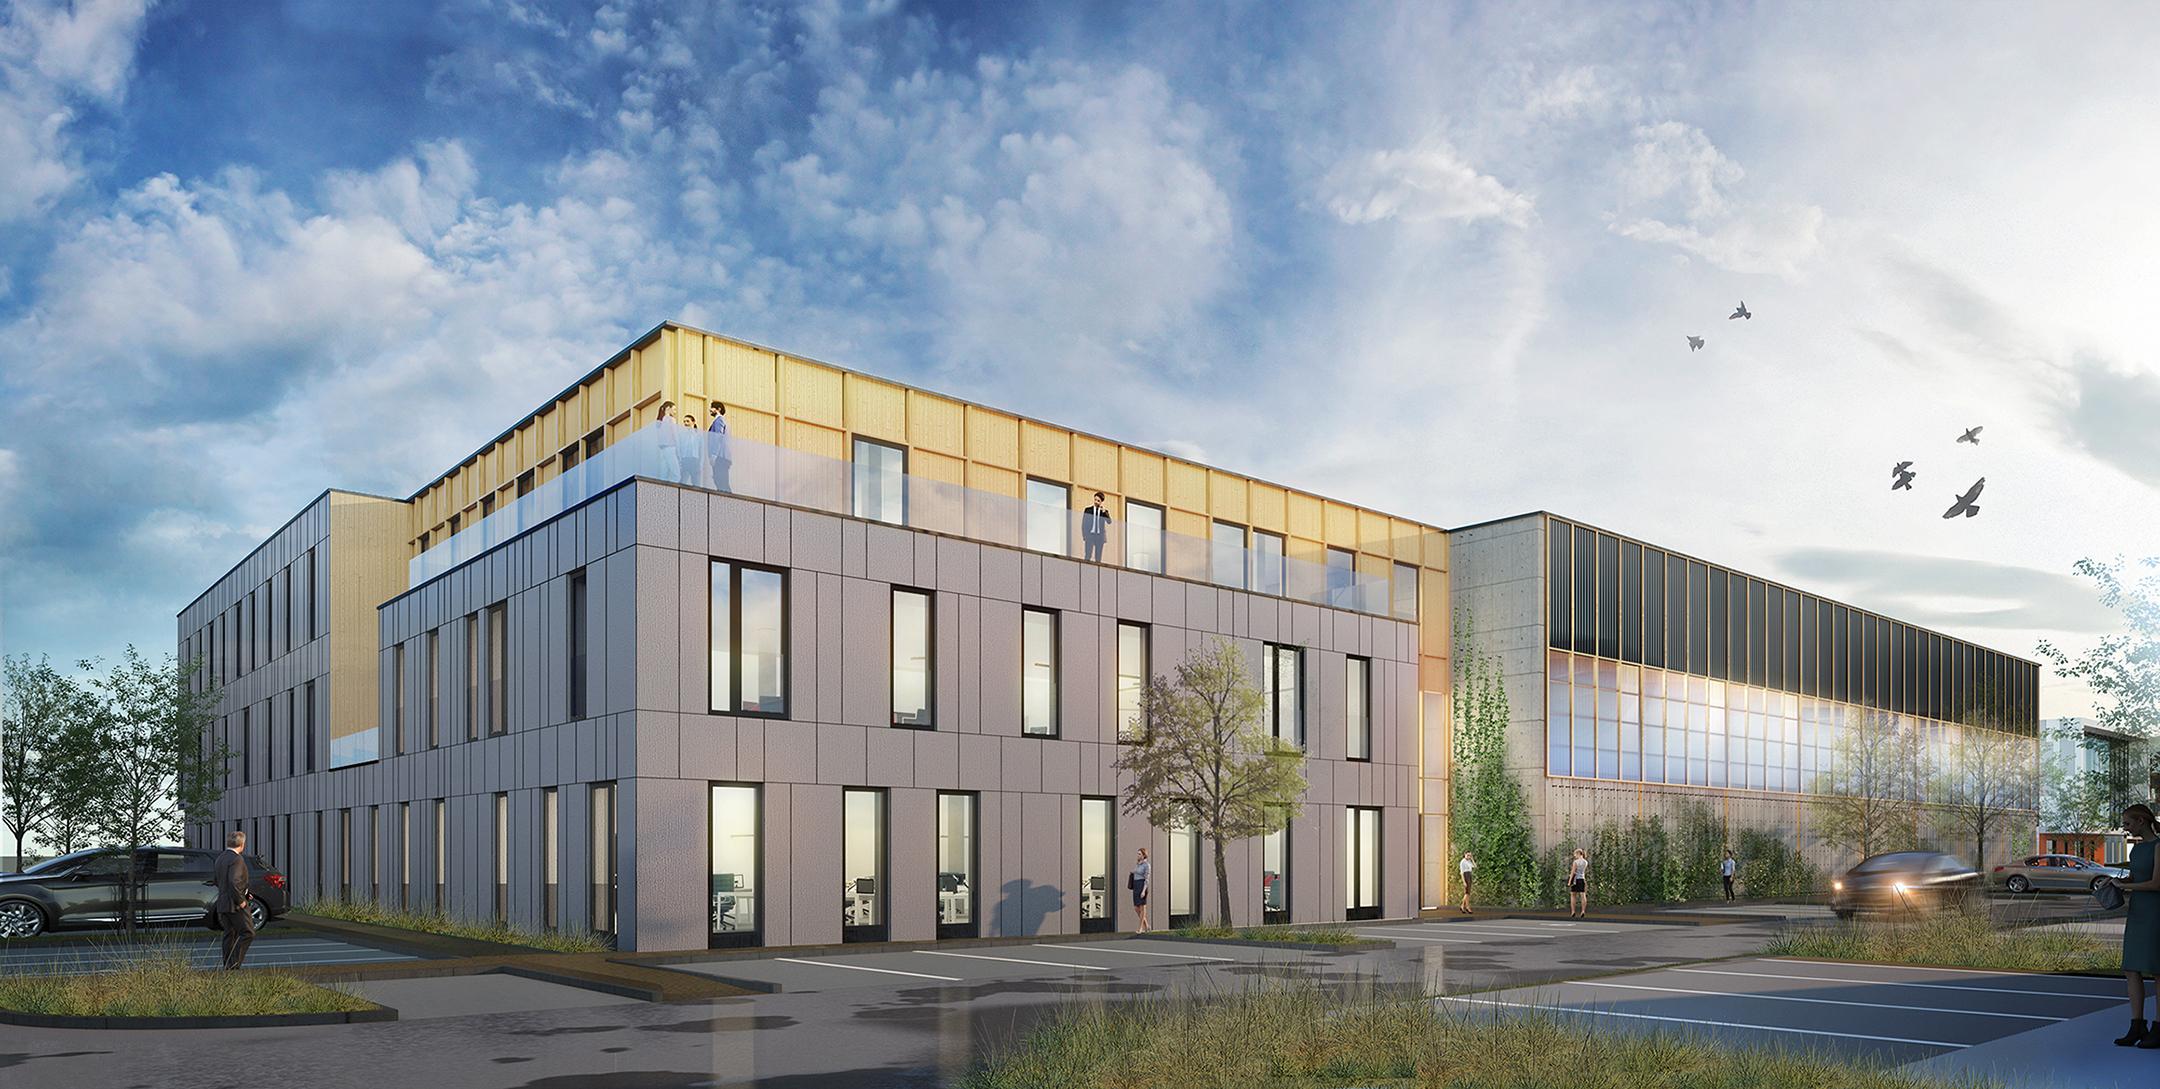 Bâtiment HI-Arteparc_Lille_Lesquin